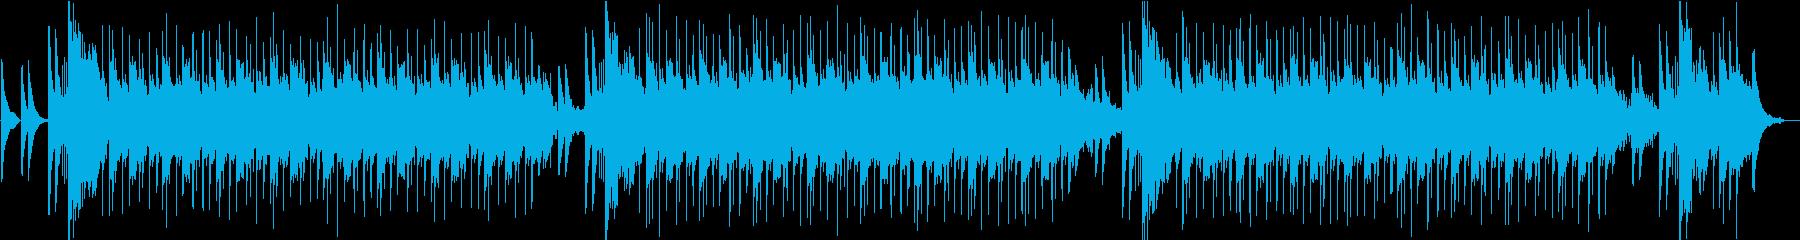 マリンバや民族楽器による可愛らしい作品の再生済みの波形